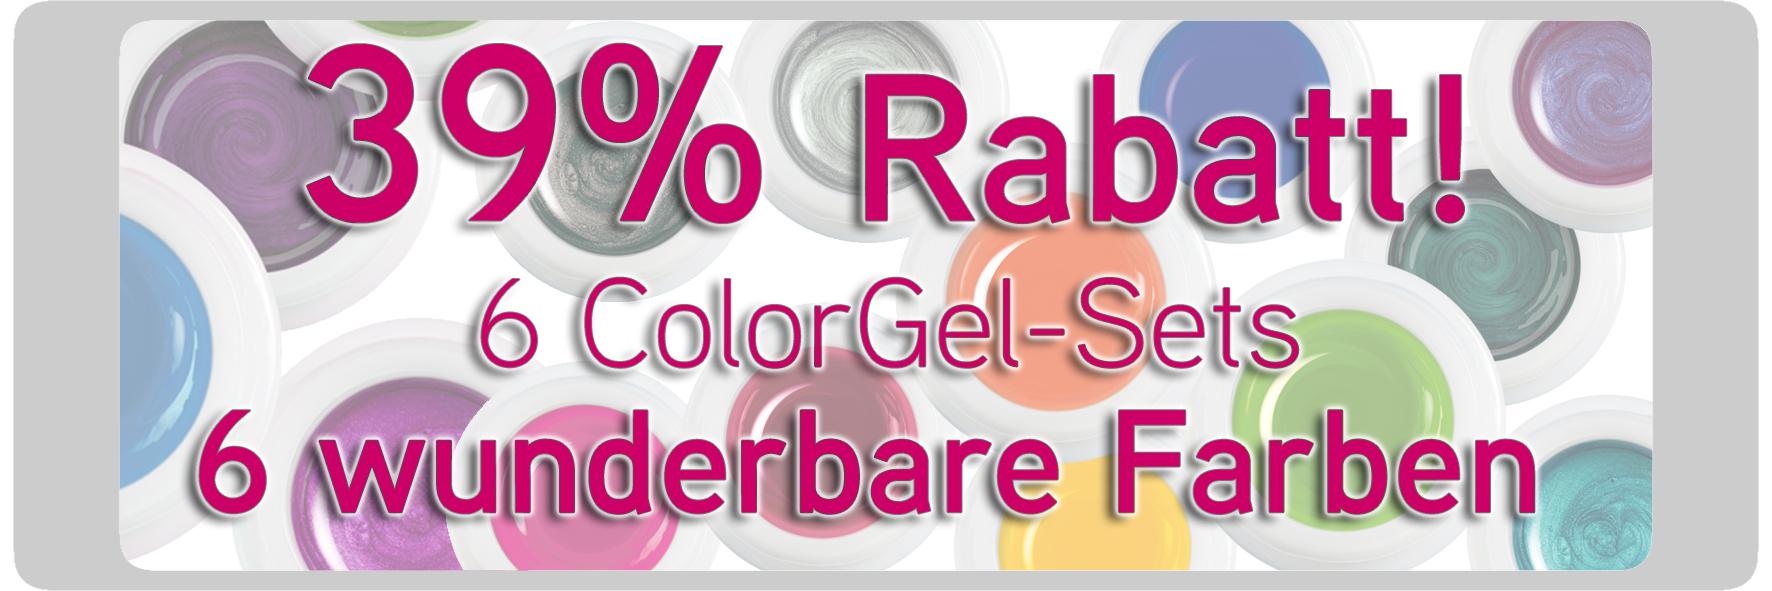 ColorGel-Sets